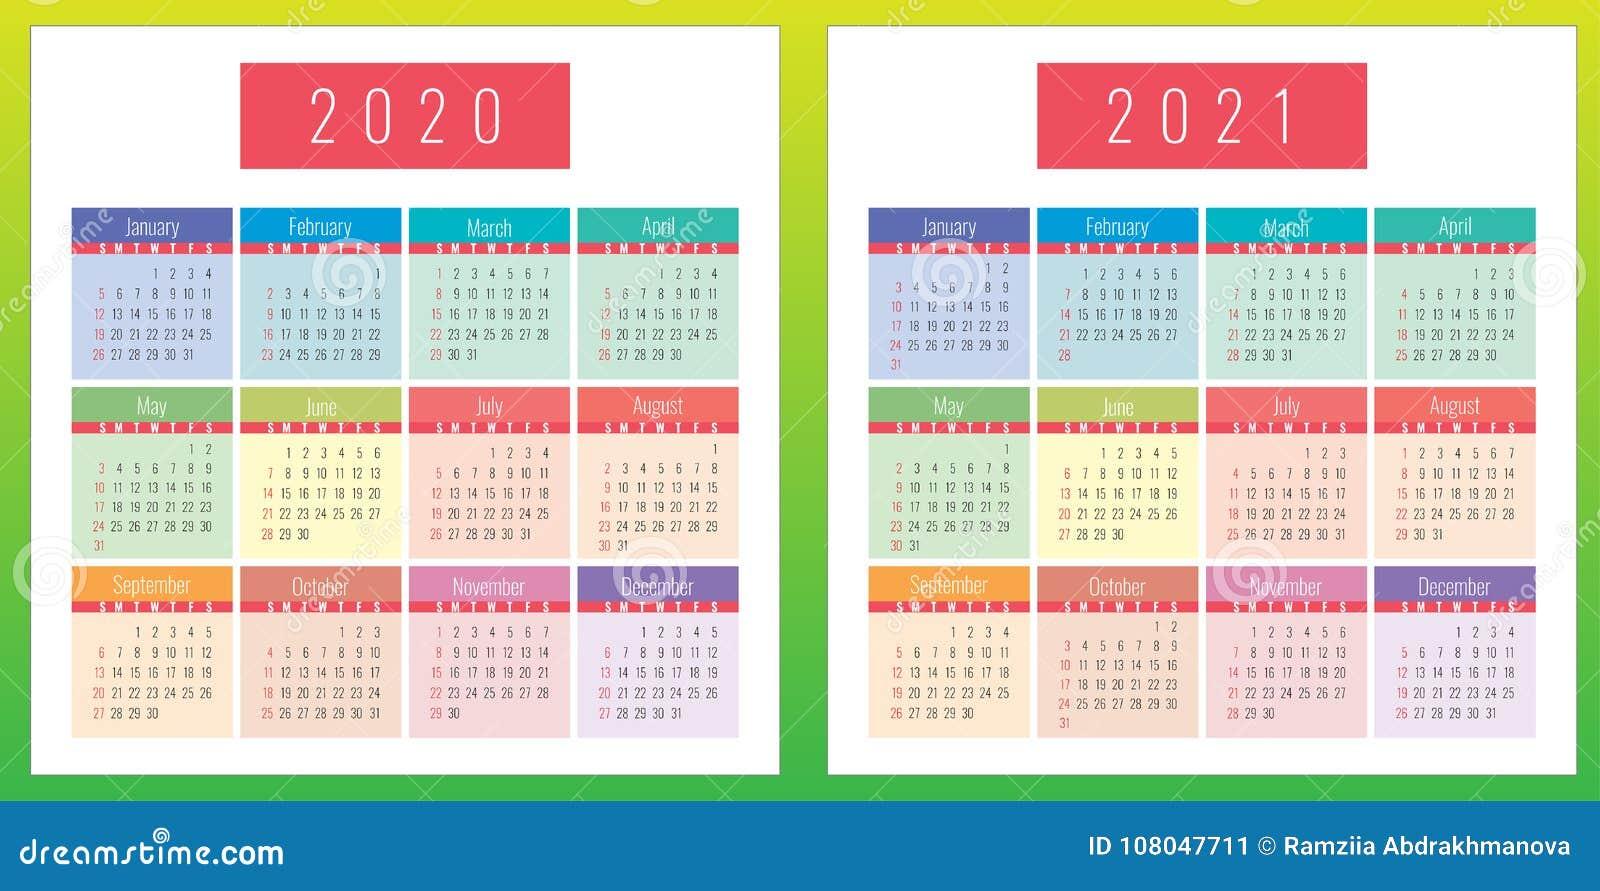 Le Calendrier De Couleur A Placé 2020 Et 2021 Ans Illustration